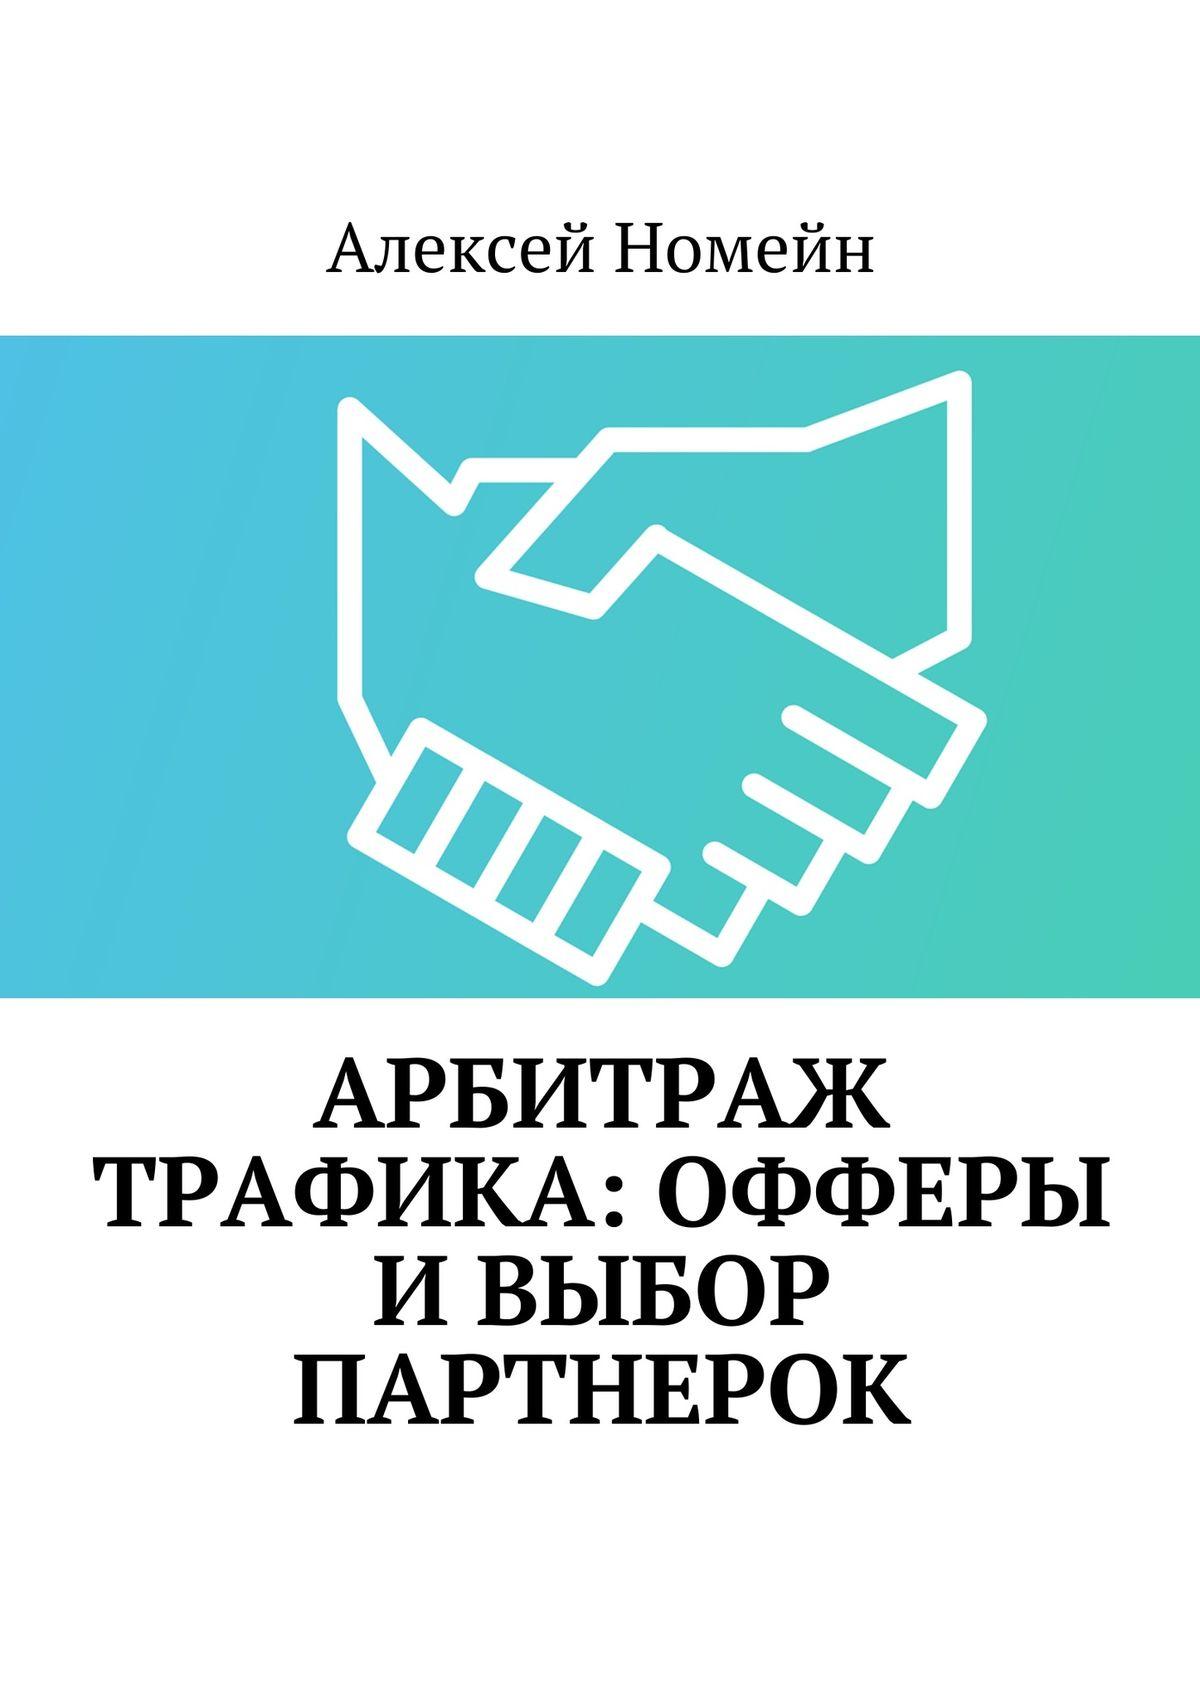 Алексей Номейн Арбитраж трафика: офферы ивыбор партнерок алексей номейн привлечение трафика на